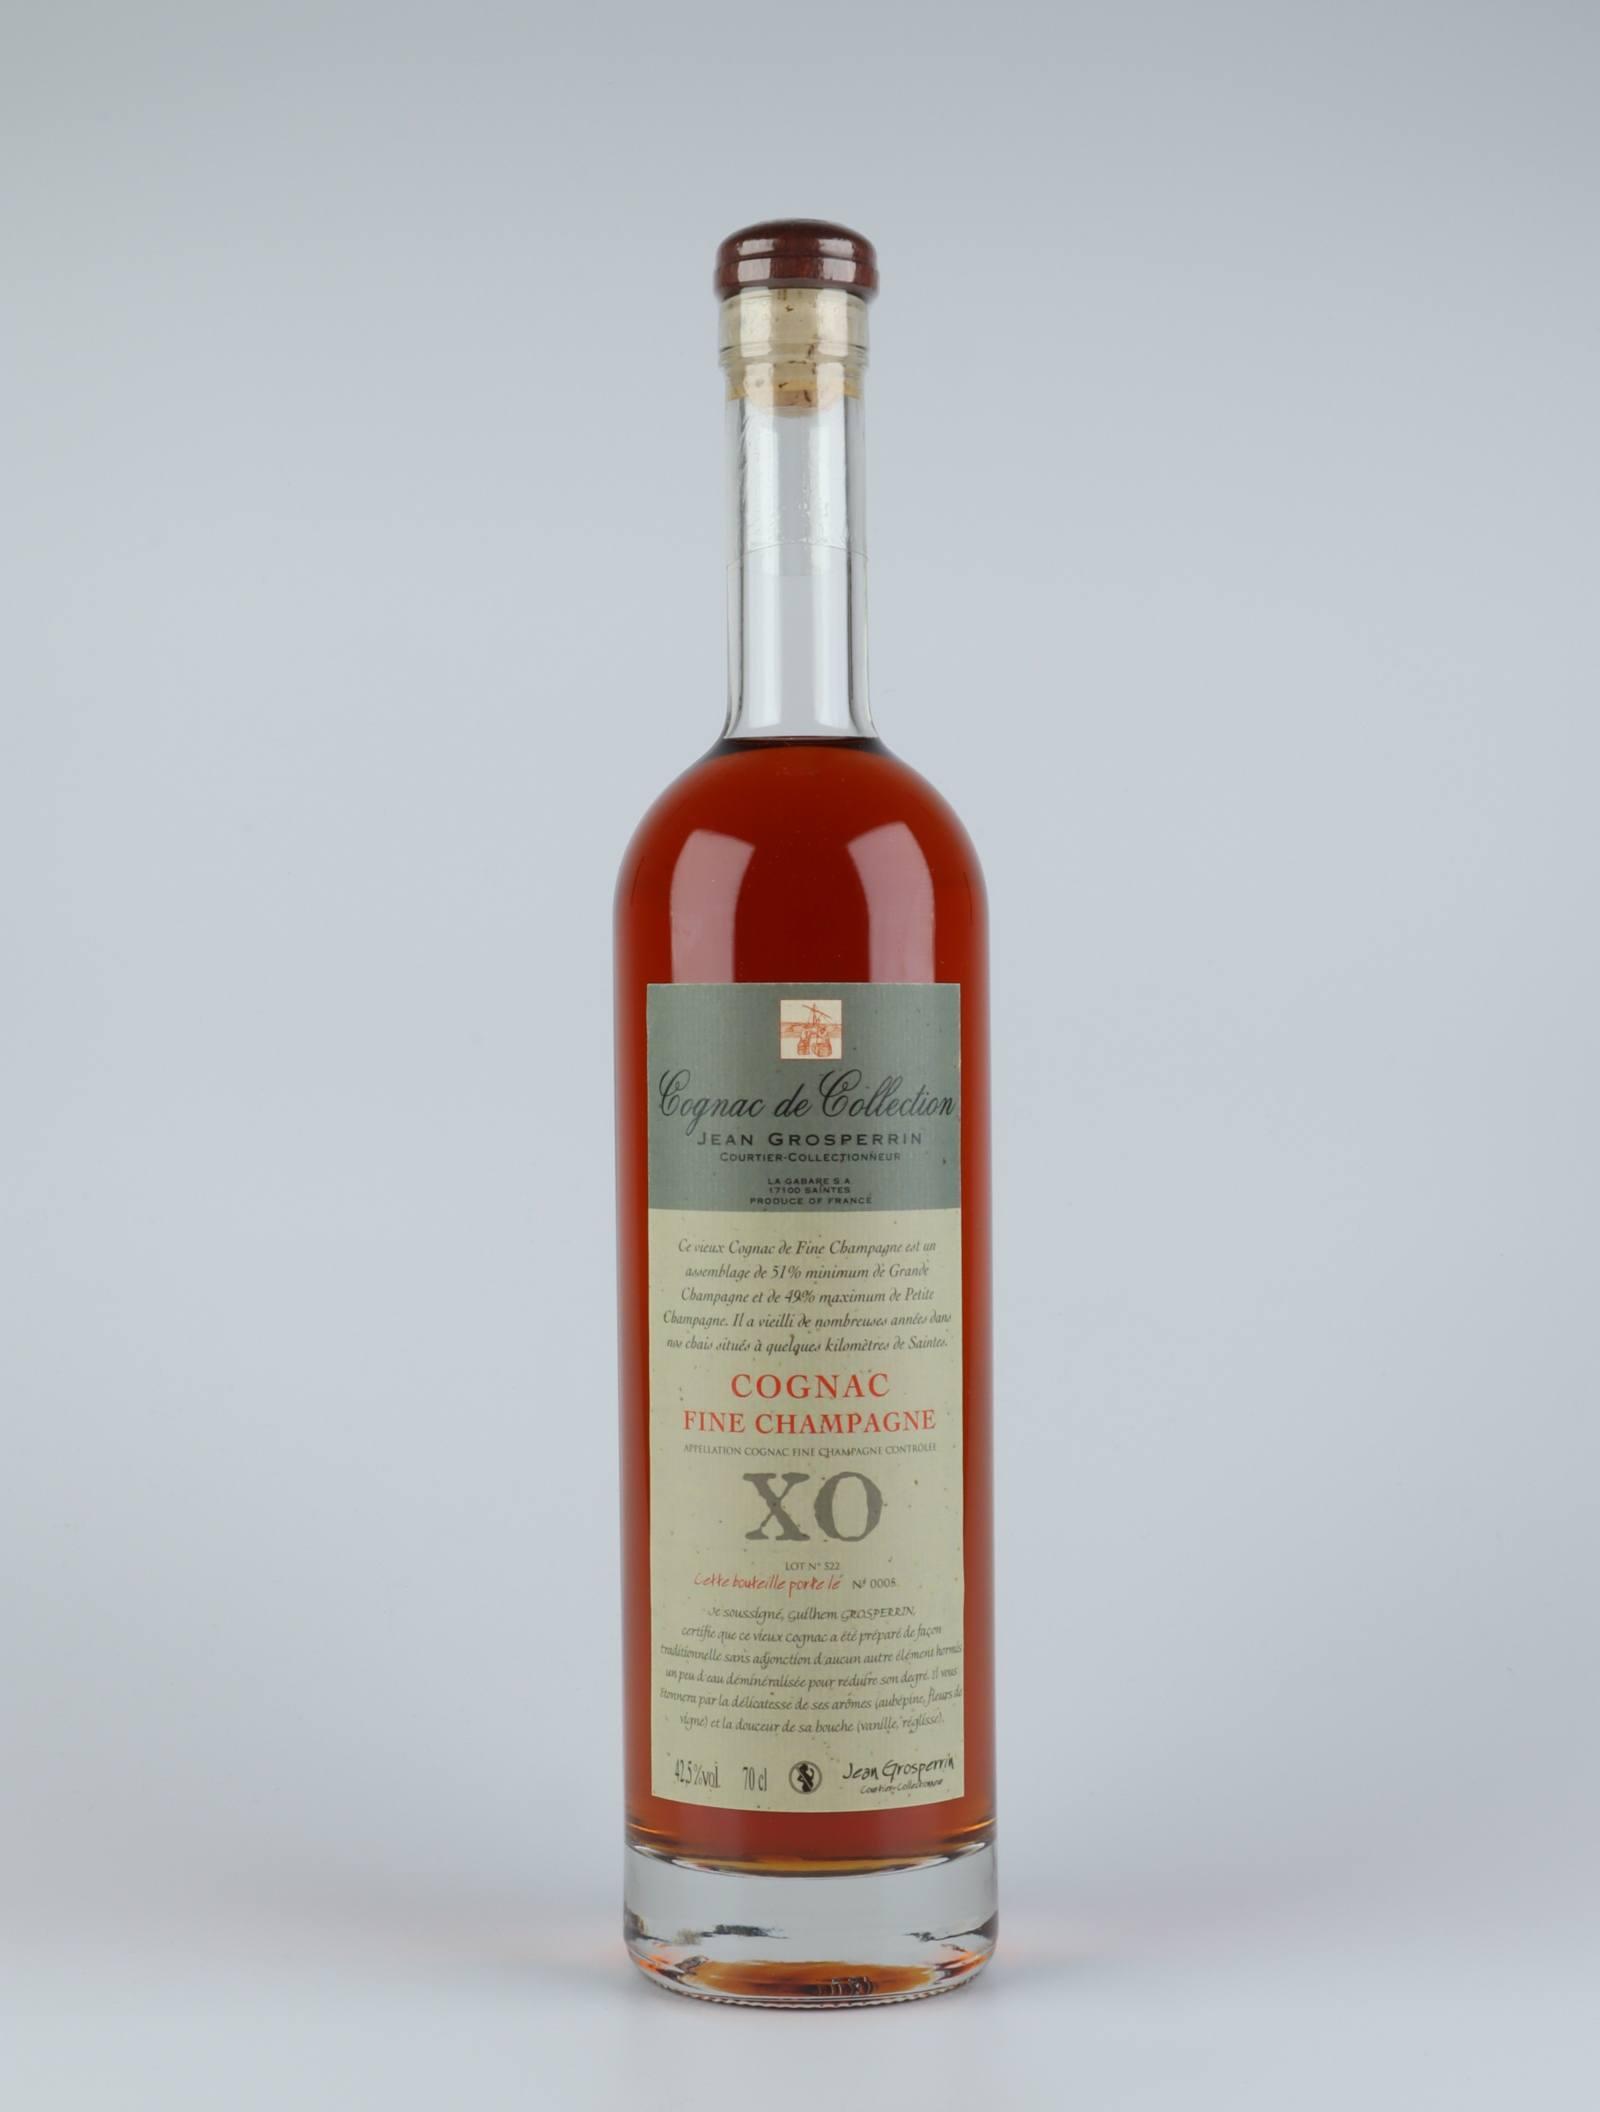 Cognac - XO - Fine Champagne